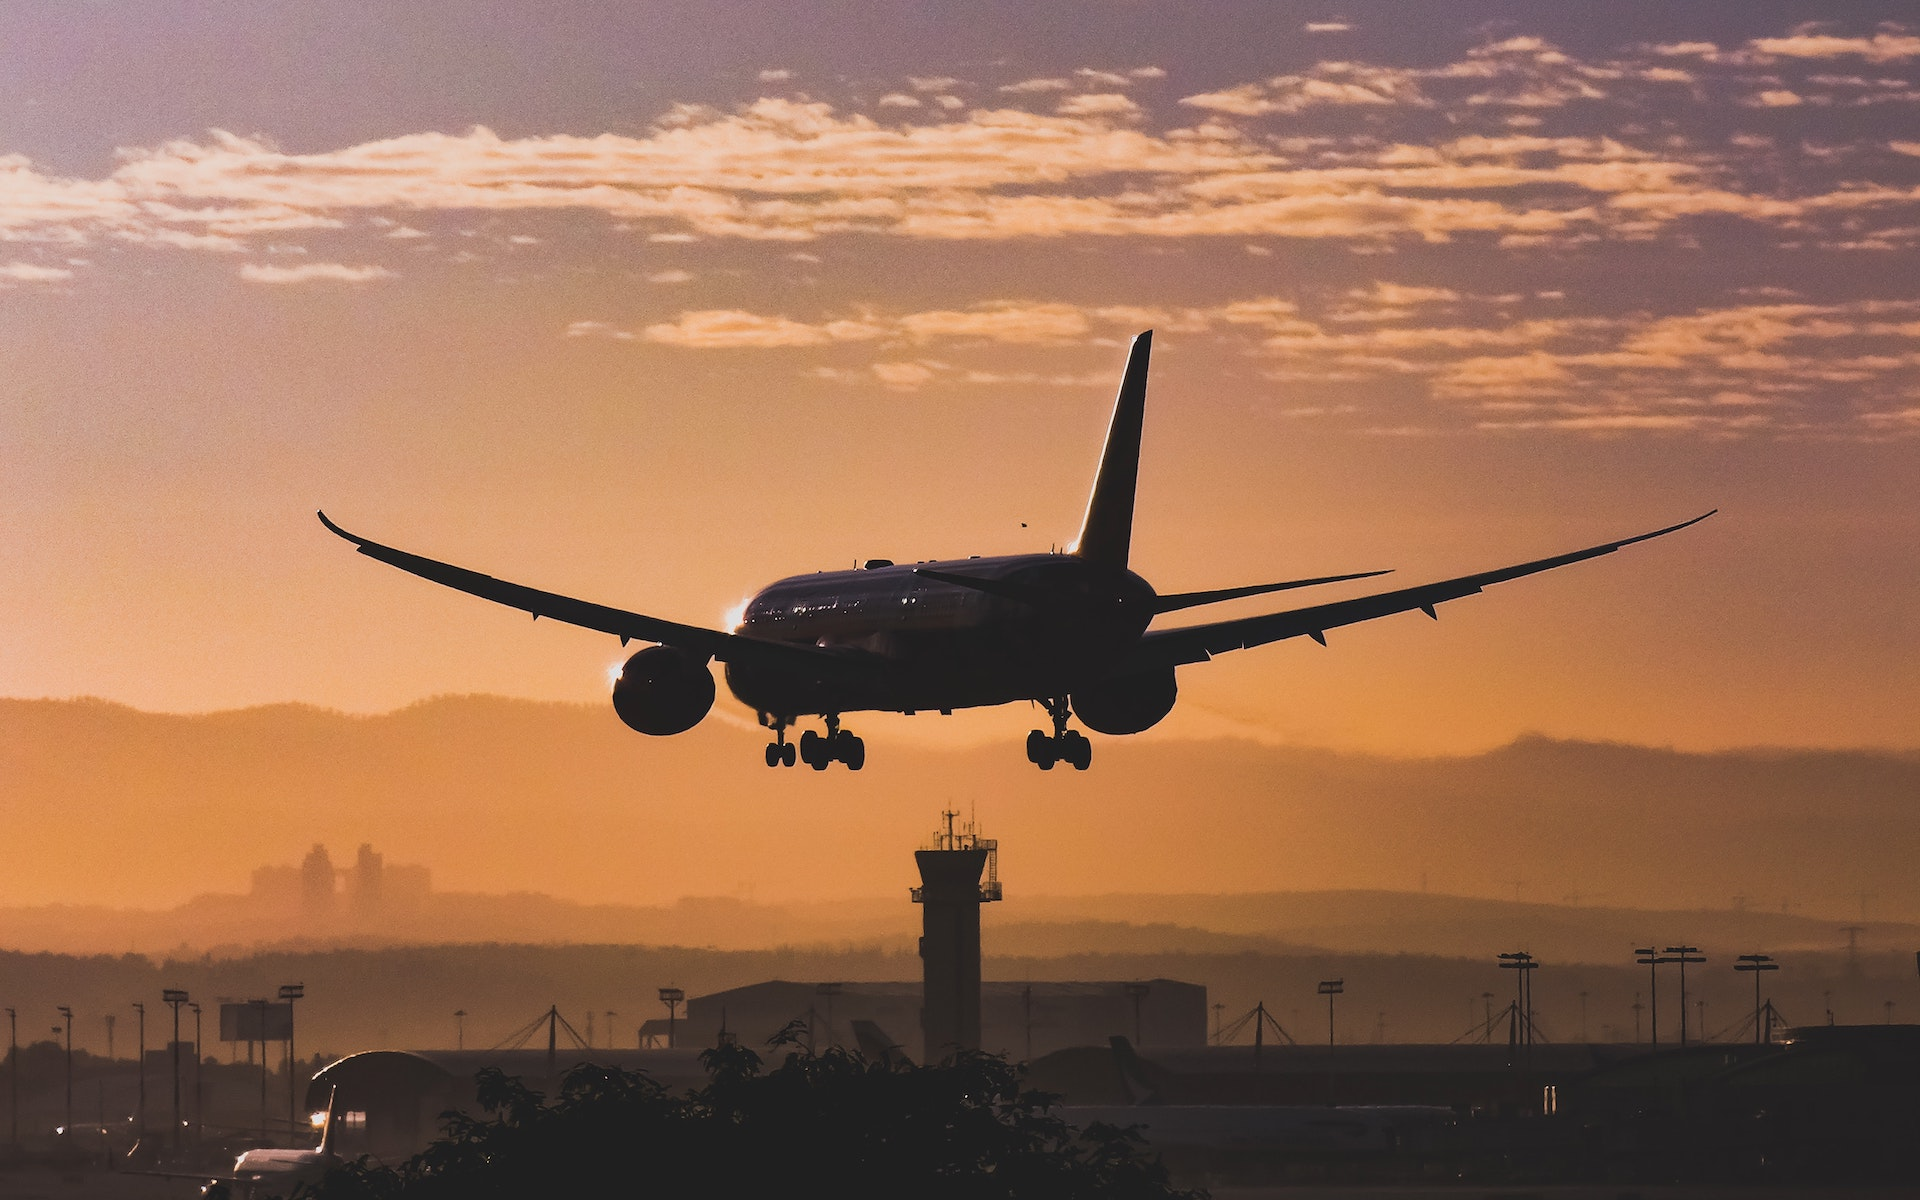 ¿Cuándo se podrá volver a viajar nuevamente? Esto dicen las aerolíneas